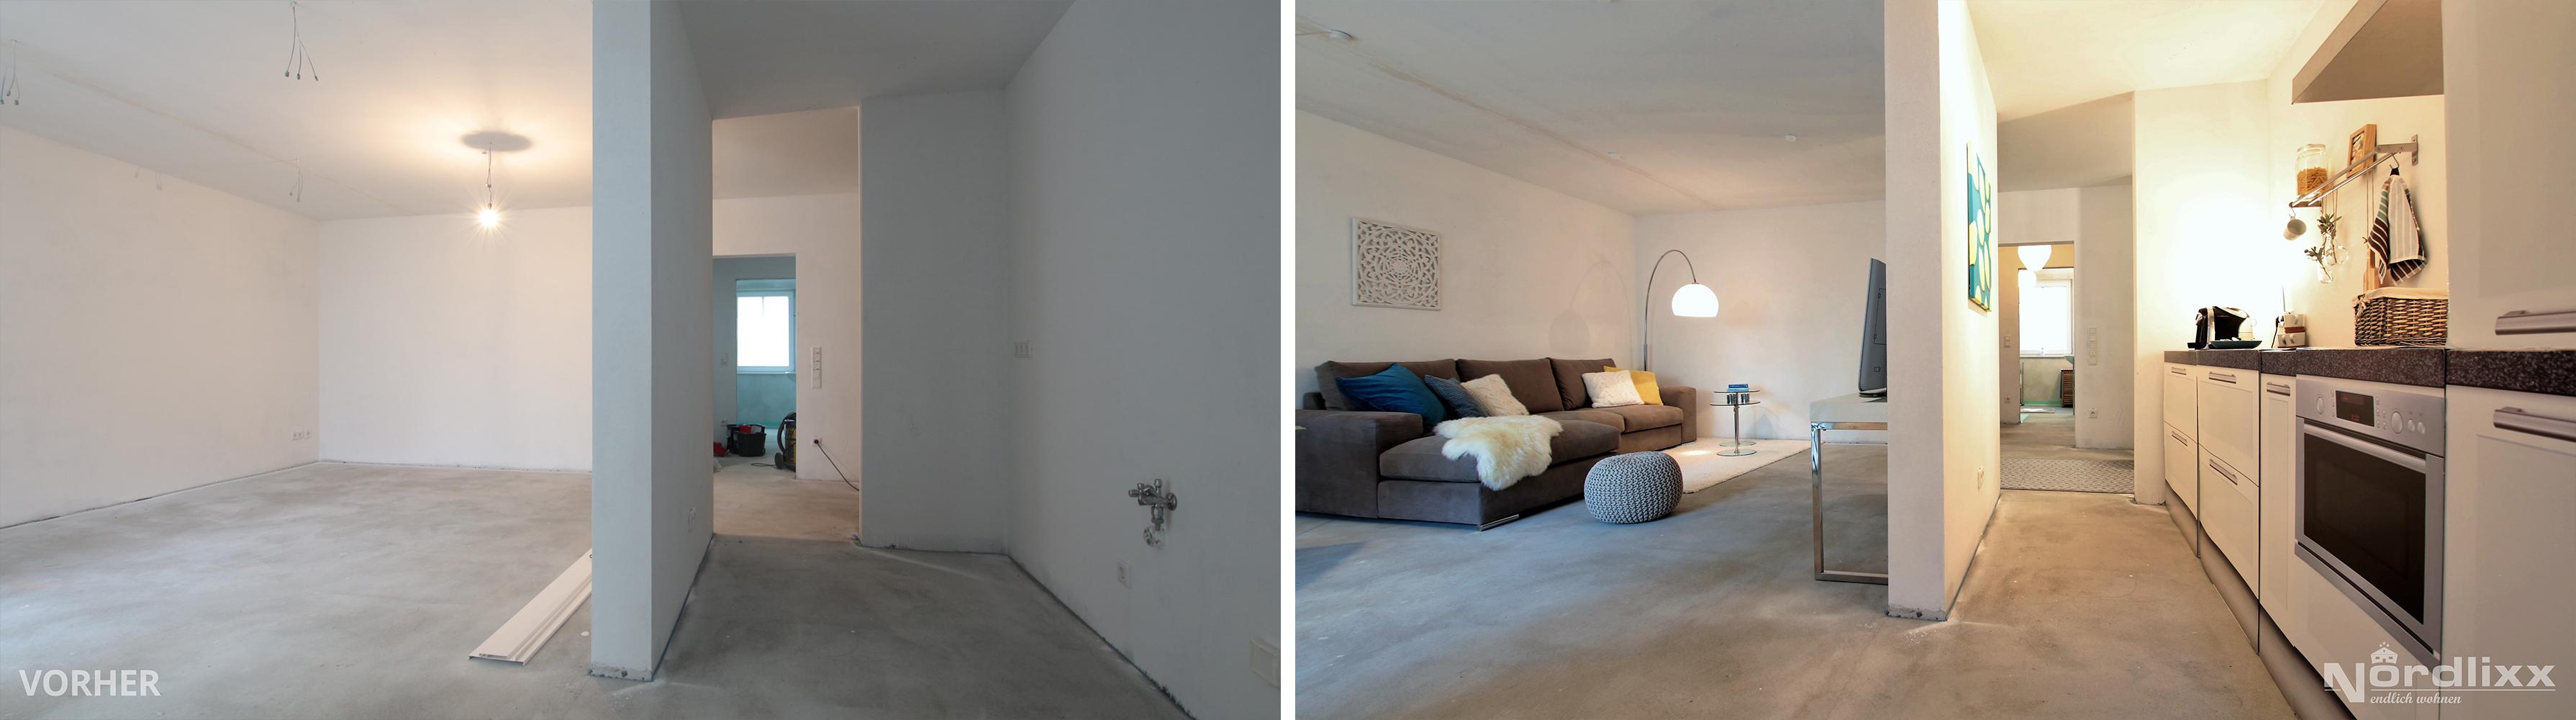 home staging nordlixx vorher nachher rohbau wohnen nordlixx endlich wohnen. Black Bedroom Furniture Sets. Home Design Ideas